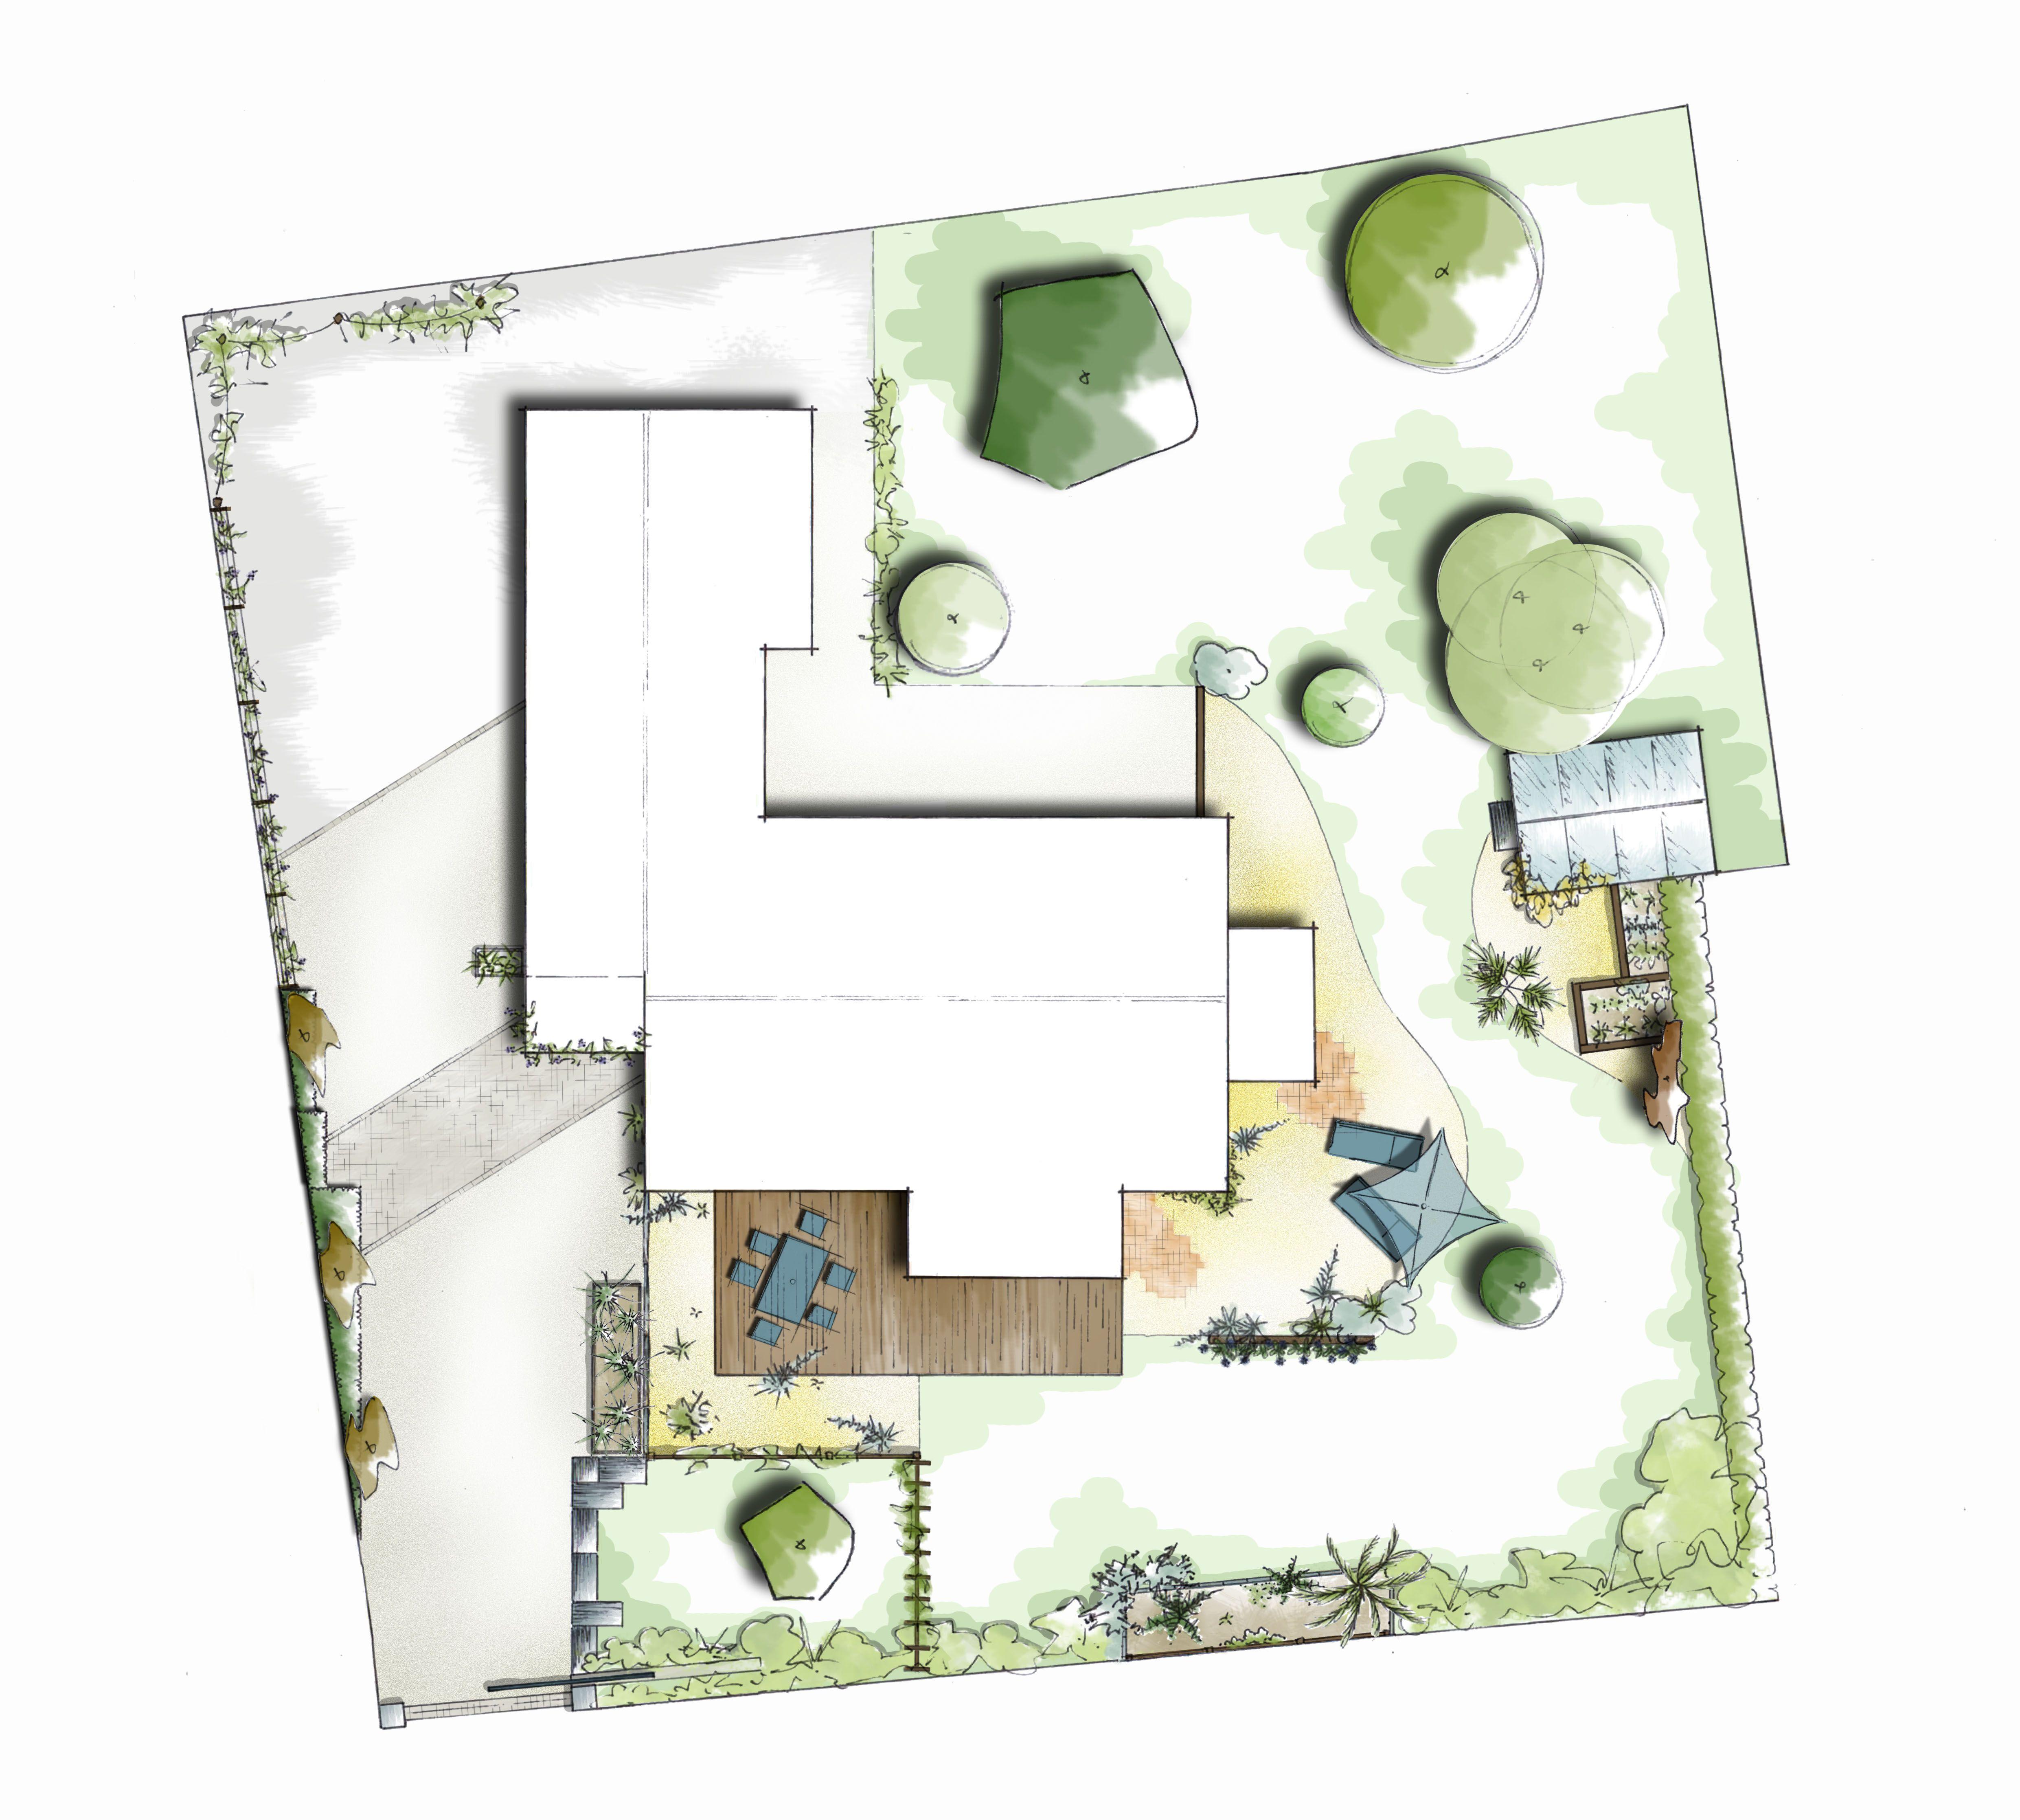 Plan d 39 am nagement paysager avec entr e espace d tente et for Plan amenagement exterieur maison